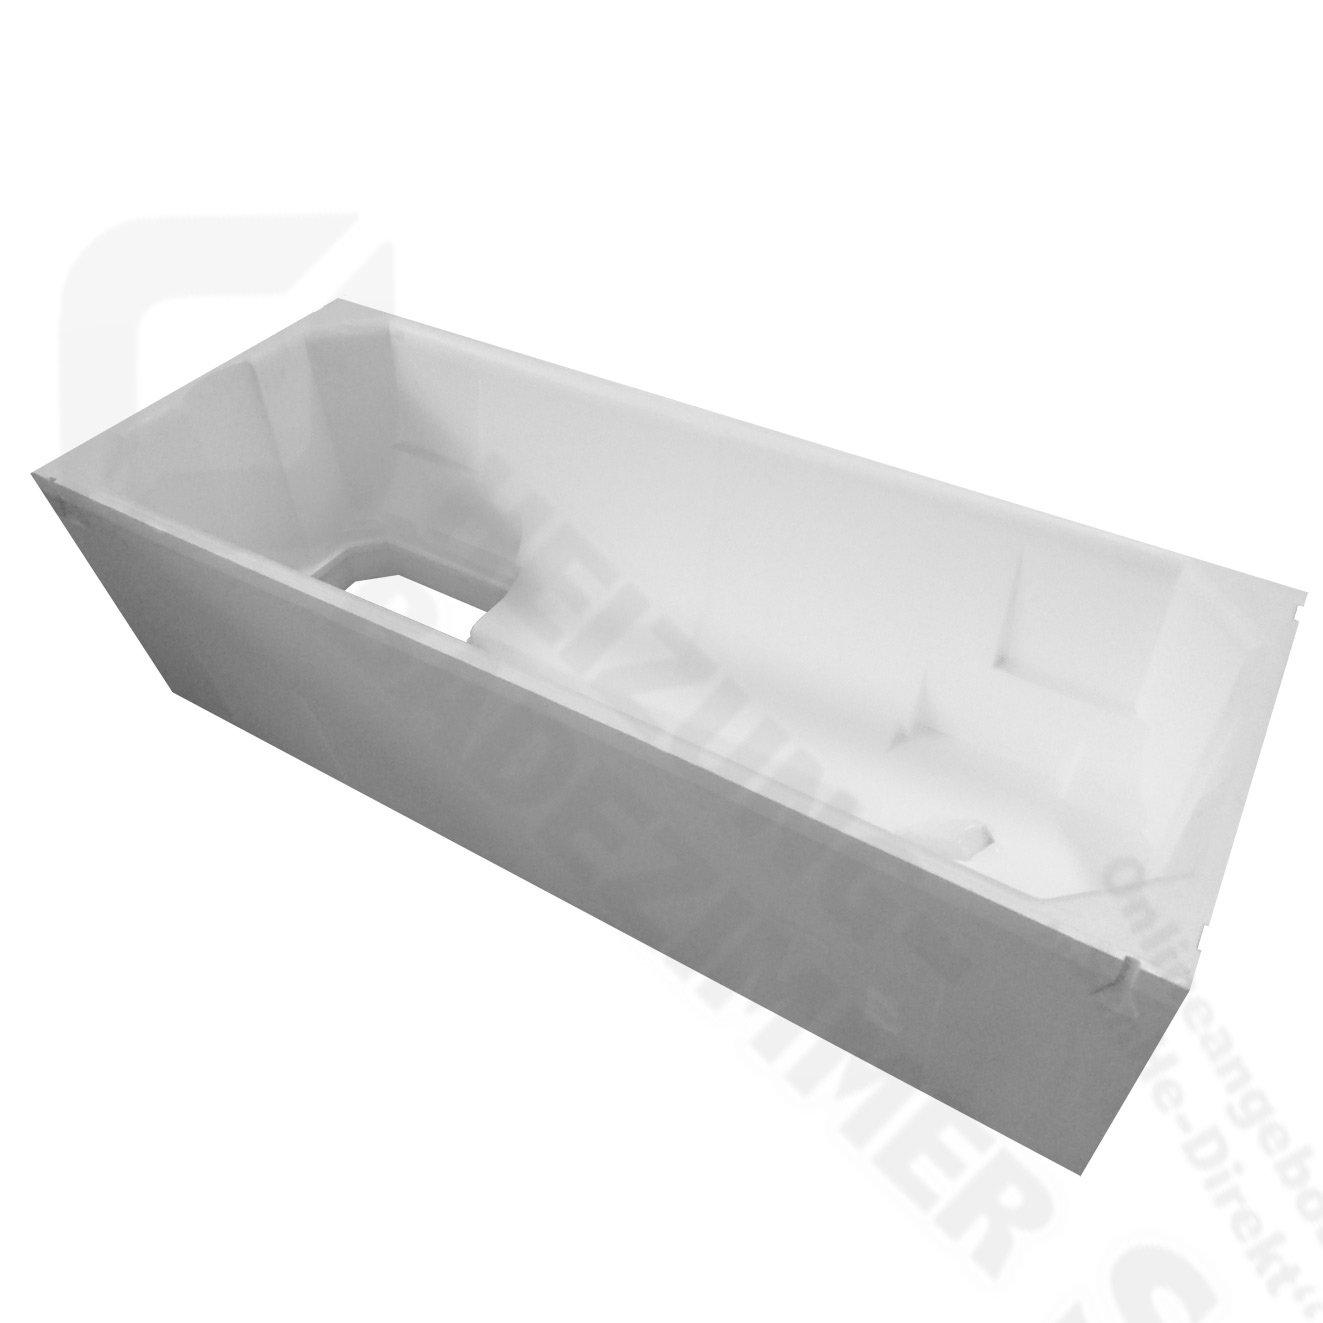 Top Kaldewei Saniform Plus Stahl Badewanne inkl. Wannenträger und DC56